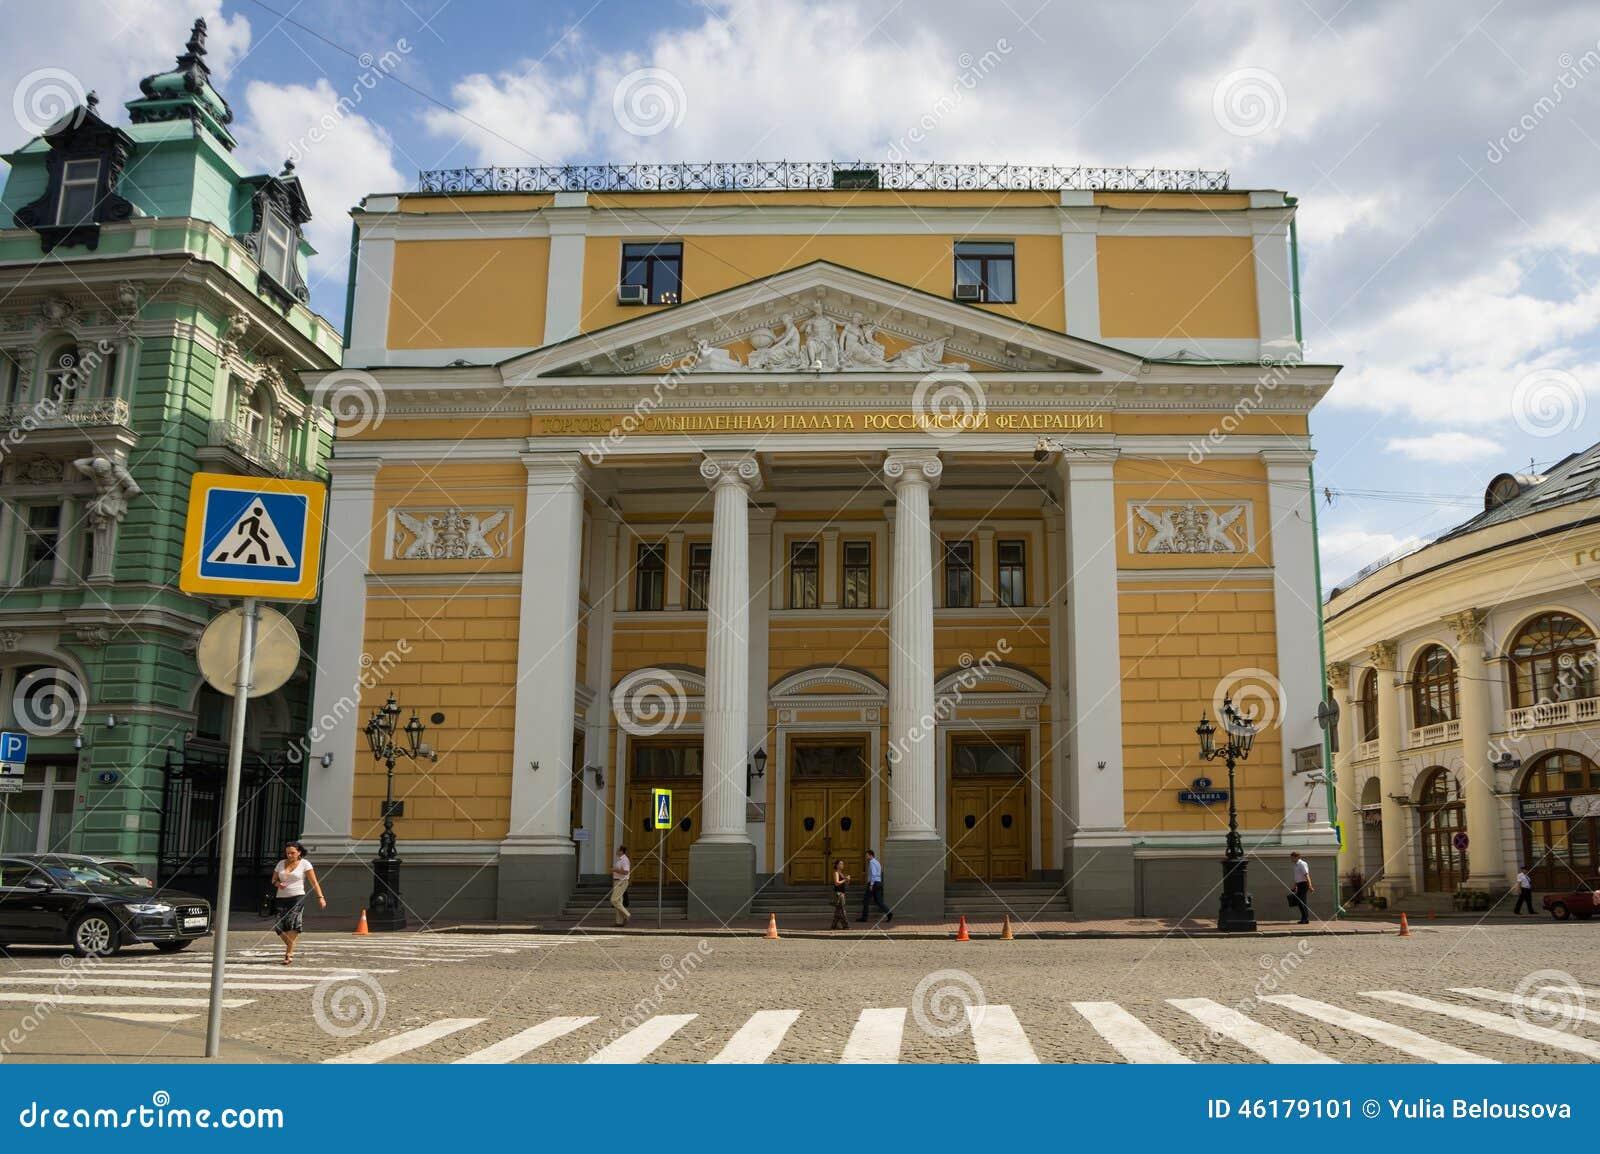 Εμπορικό και Βιομηχανικό Επιμελητήριο της Ρωσικής Ομοσπονδίας